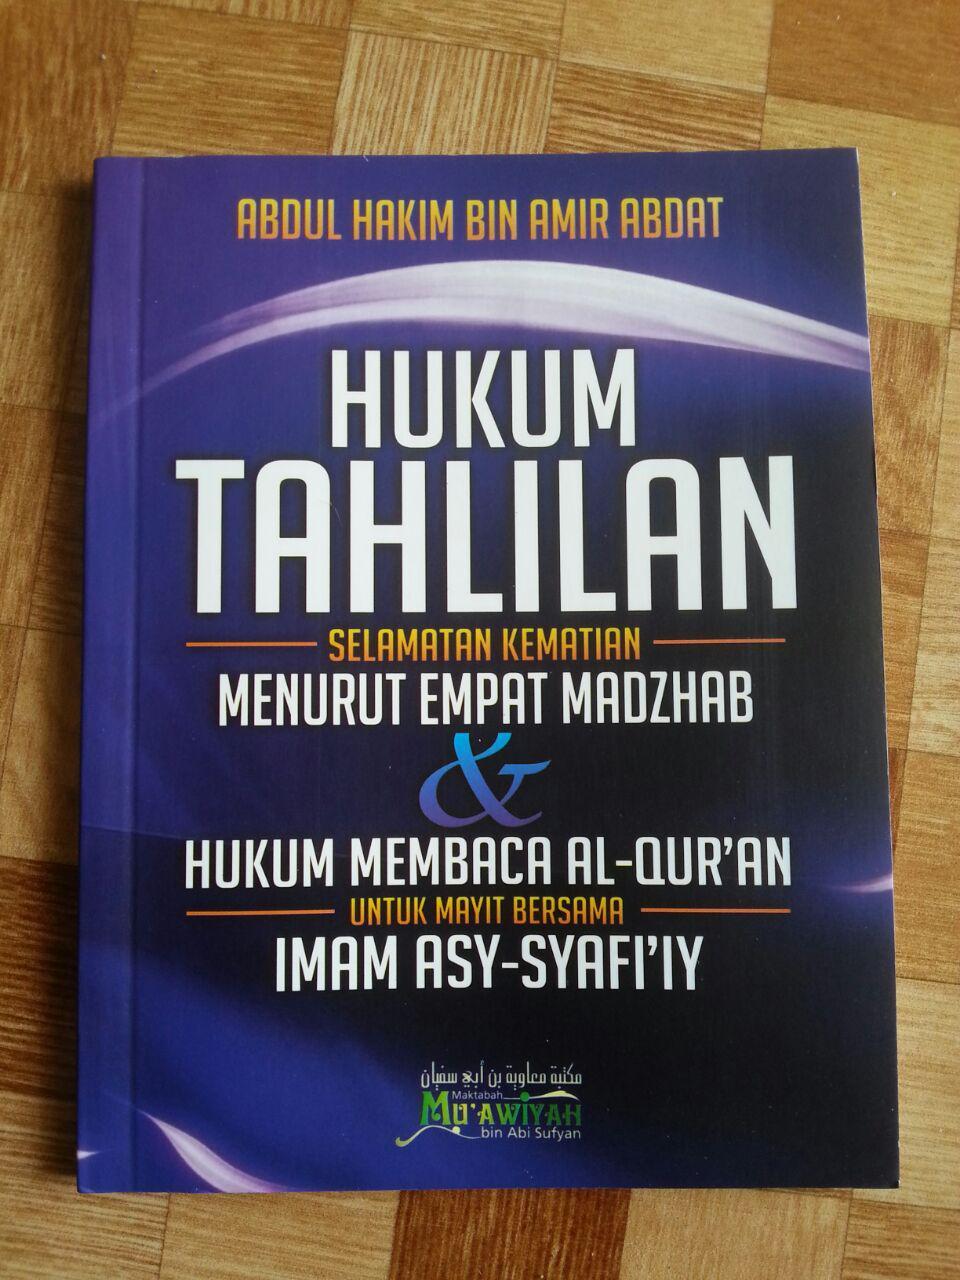 Buku Hukum Tahlilan (Selametan Kematian) Menurut 4 Madzhab cover 2